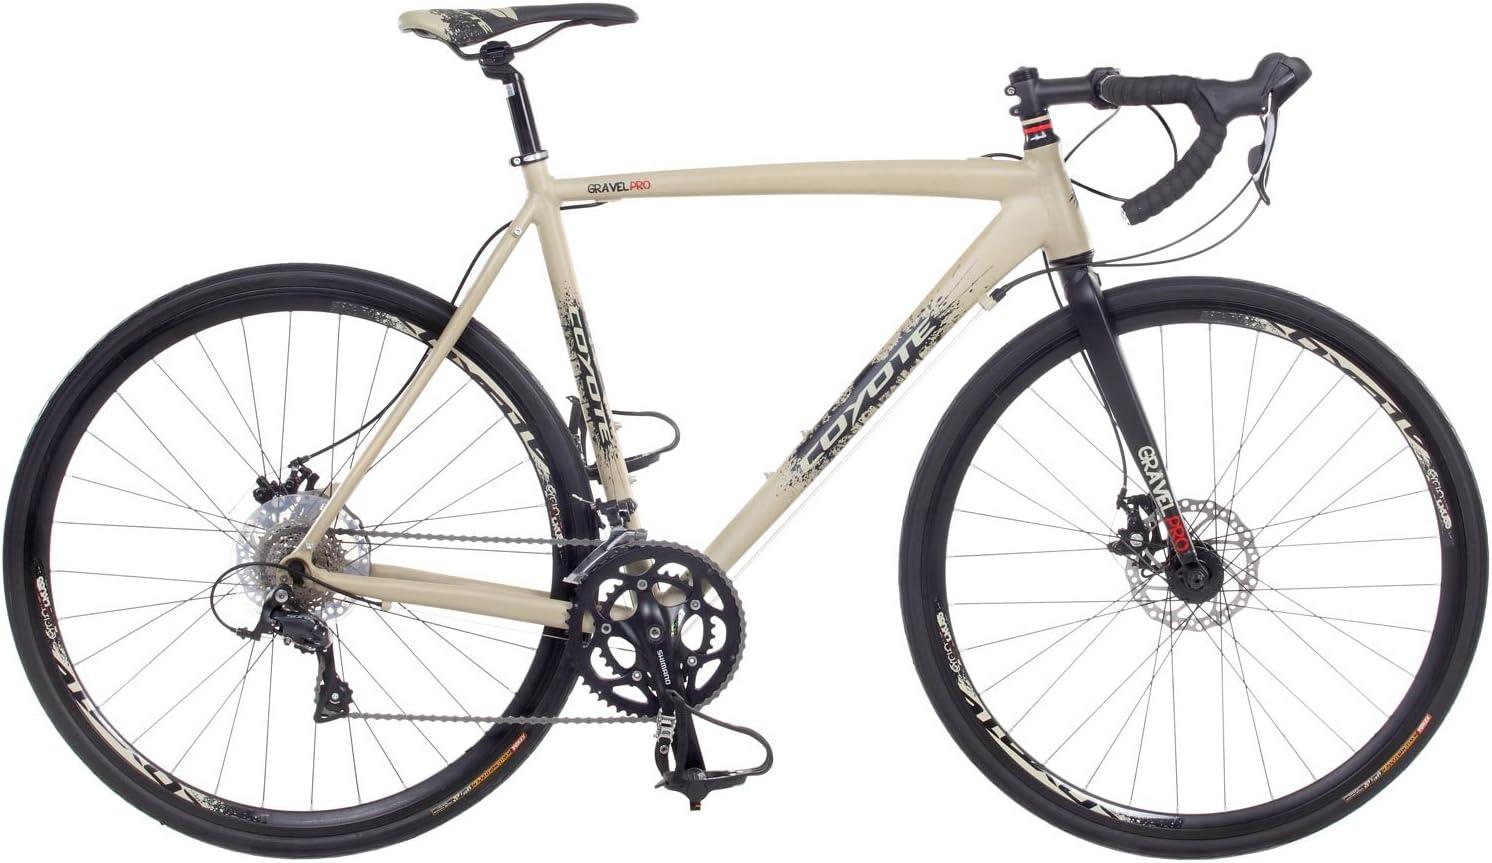 Bicicleta 700 C de Coyote Gravel Pro Cyclocross, bicicleta de carreras CX Cyclecross Cross Race Gravel, tamaño 52 cm, tamaño de cuadro 52.00, tamaño de rueda 28.00: Amazon.es: Deportes y aire libre